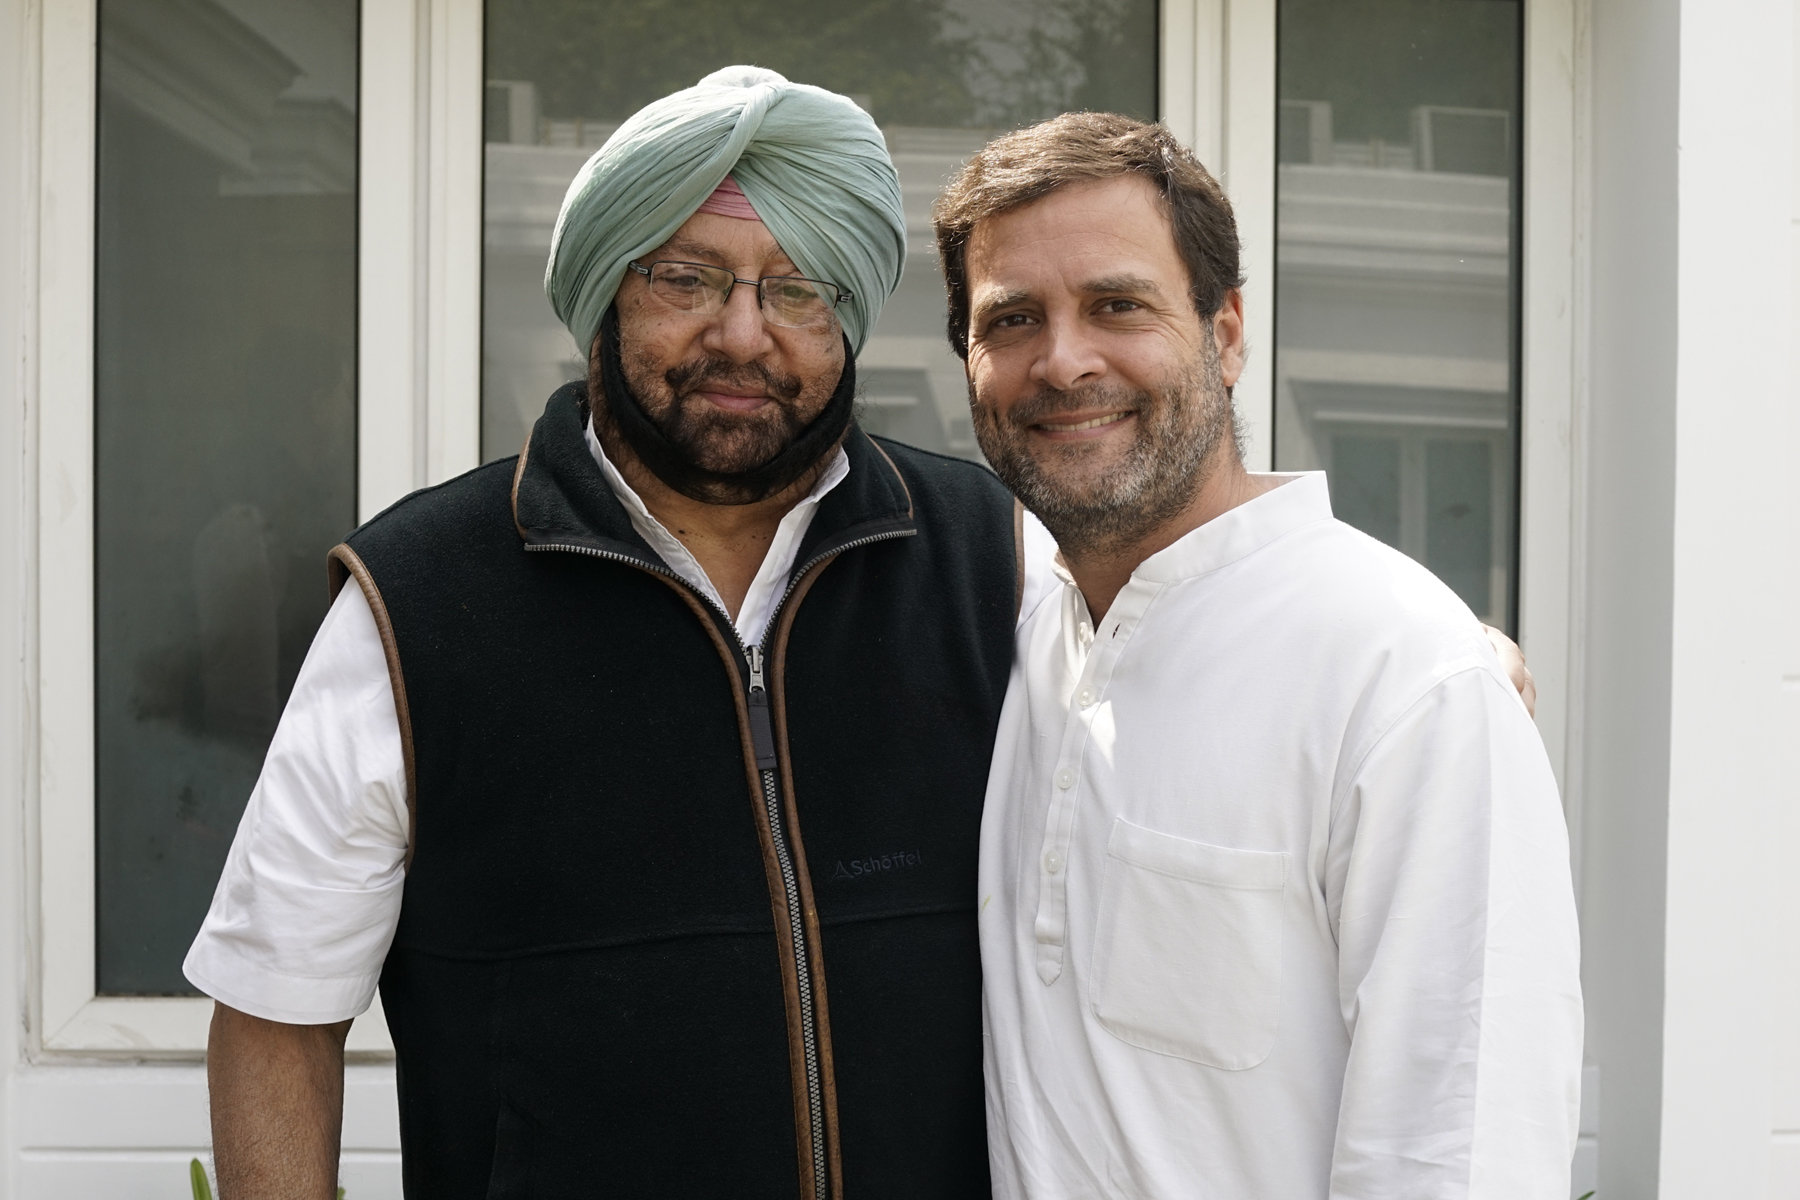 Rahul Gandhi congratulates Capt Amarinder on landslide victory